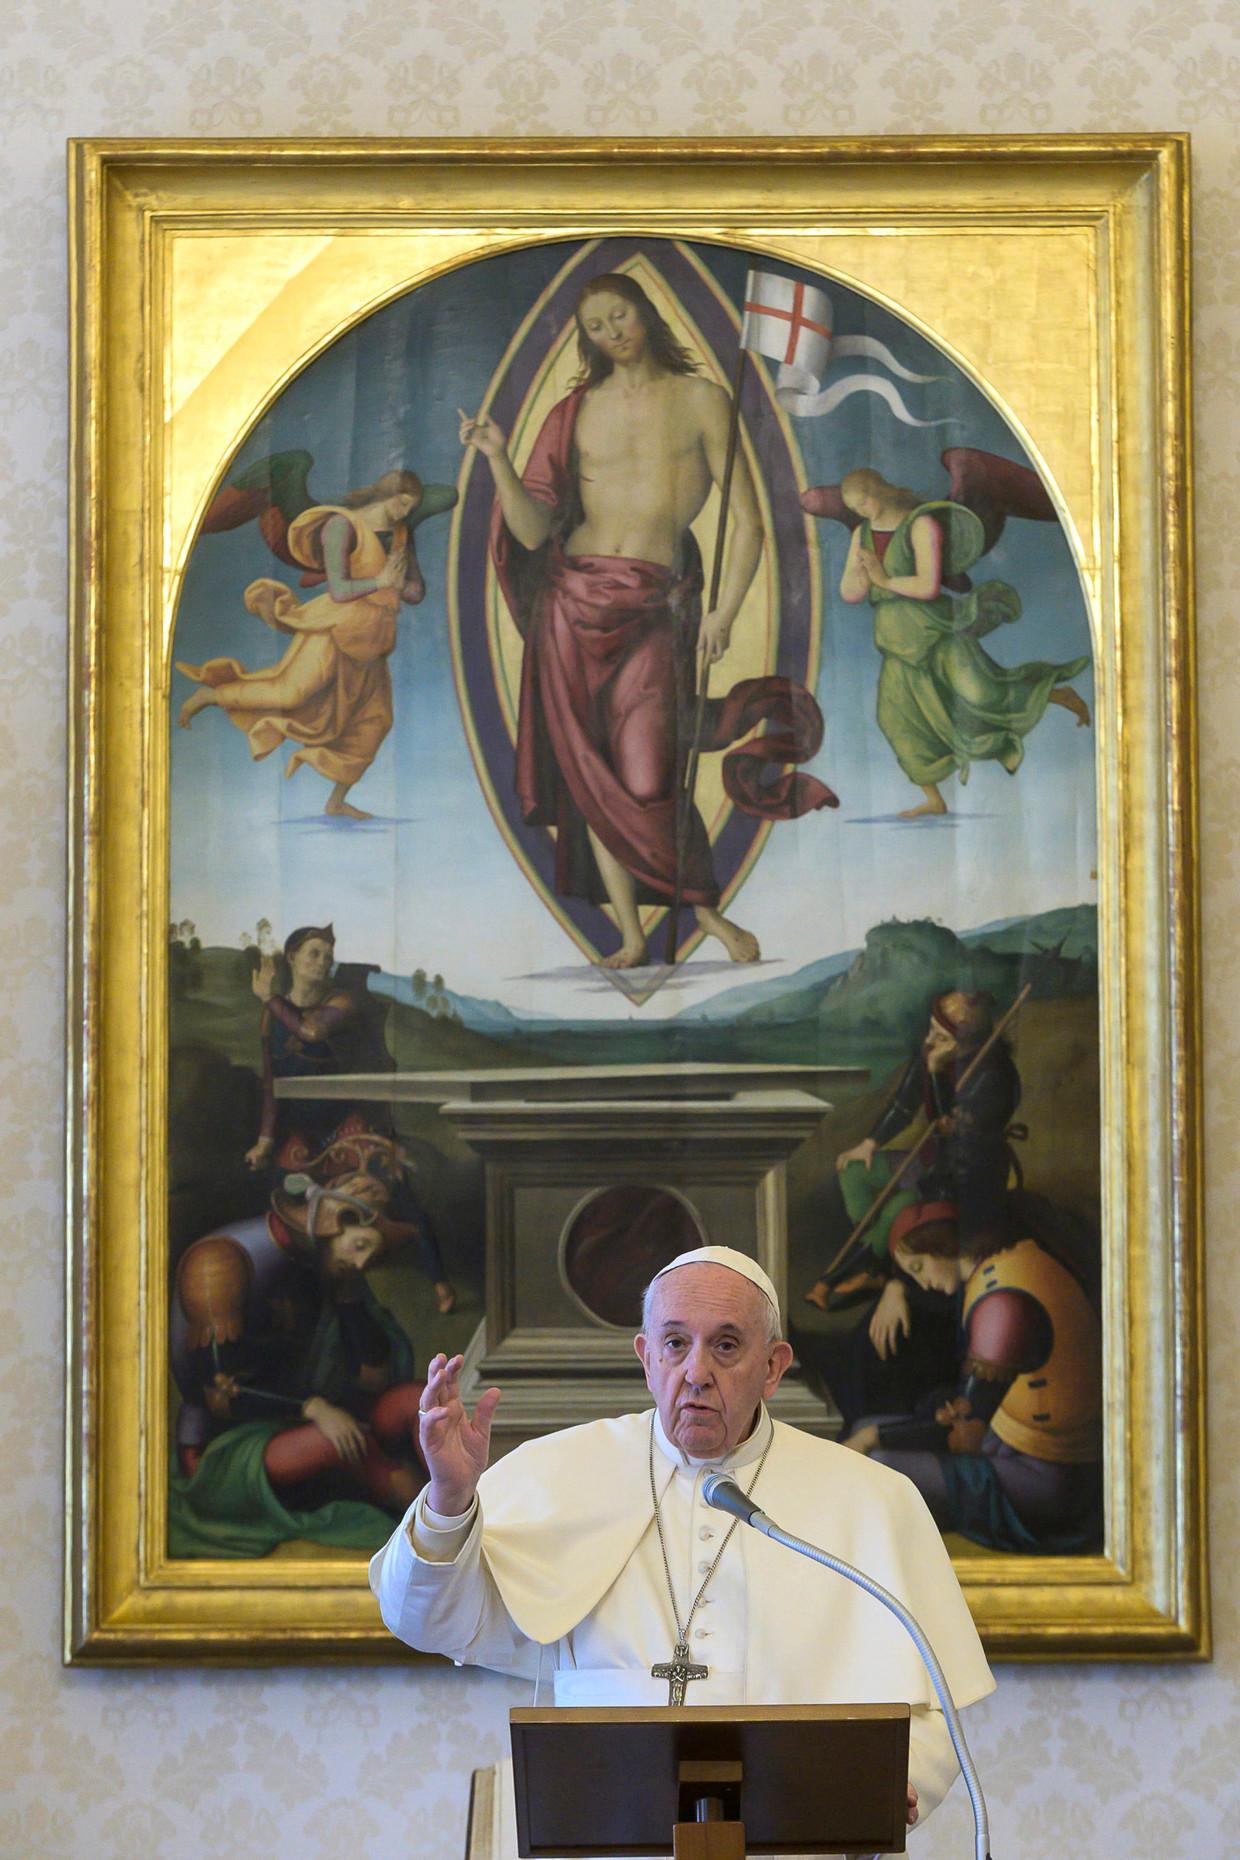 Paus Franciscus voor het schilderij De wederopstanding van Perugino uit 1499.  Beeld EPA